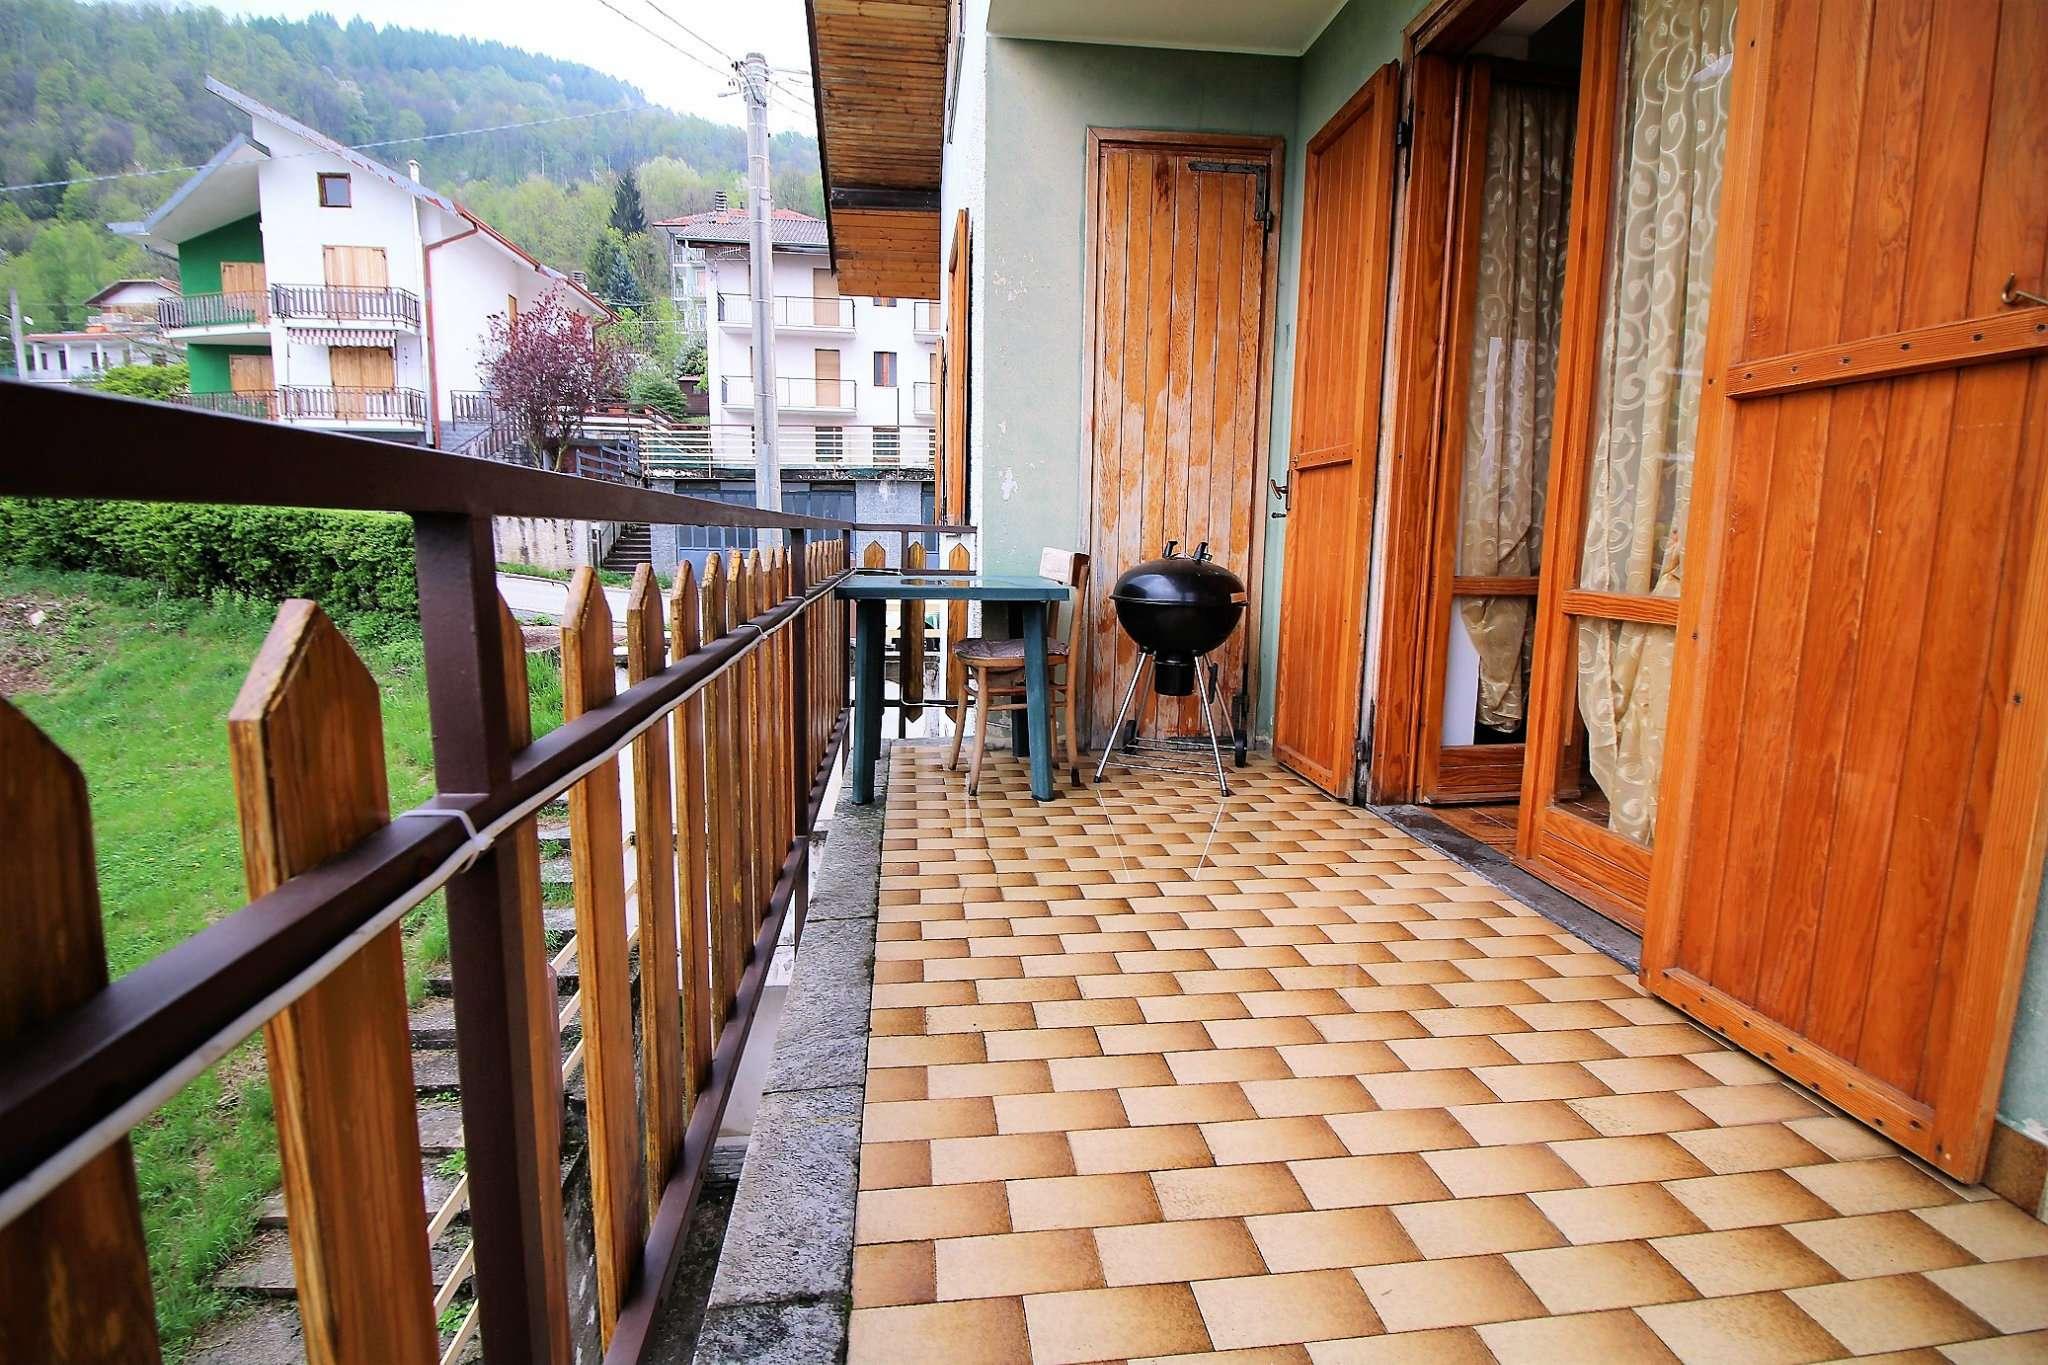 Foto 1 di Trilocale via GISOLA 25, frazione Gisola, Pessinetto